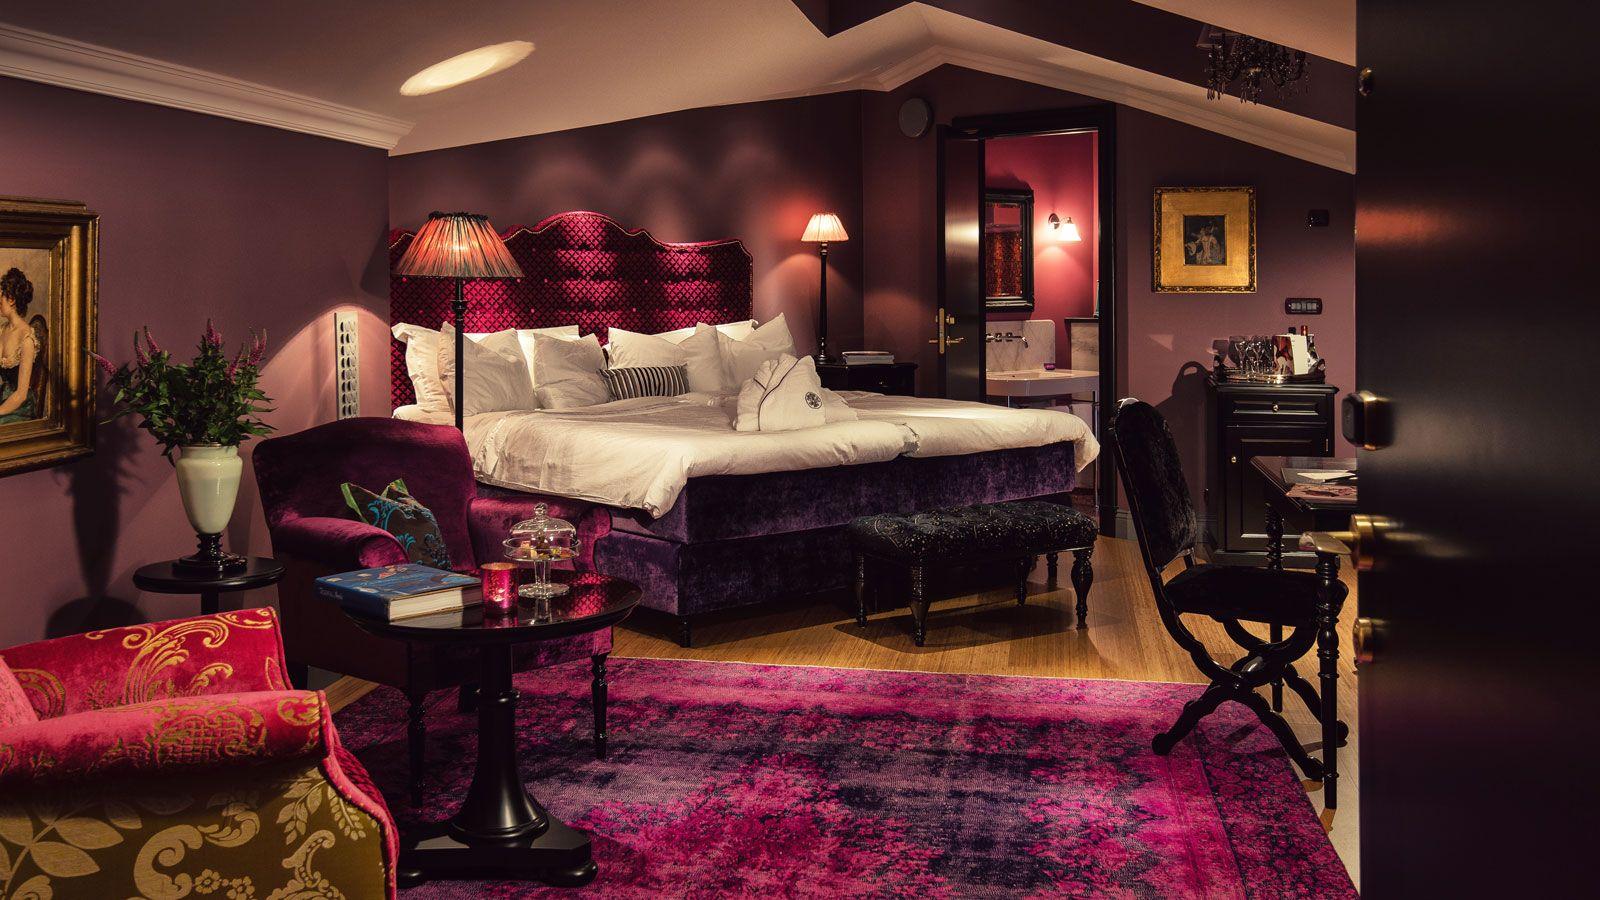 Dorsia Hotel Eccentric Interior Design Cristina Pantone Home